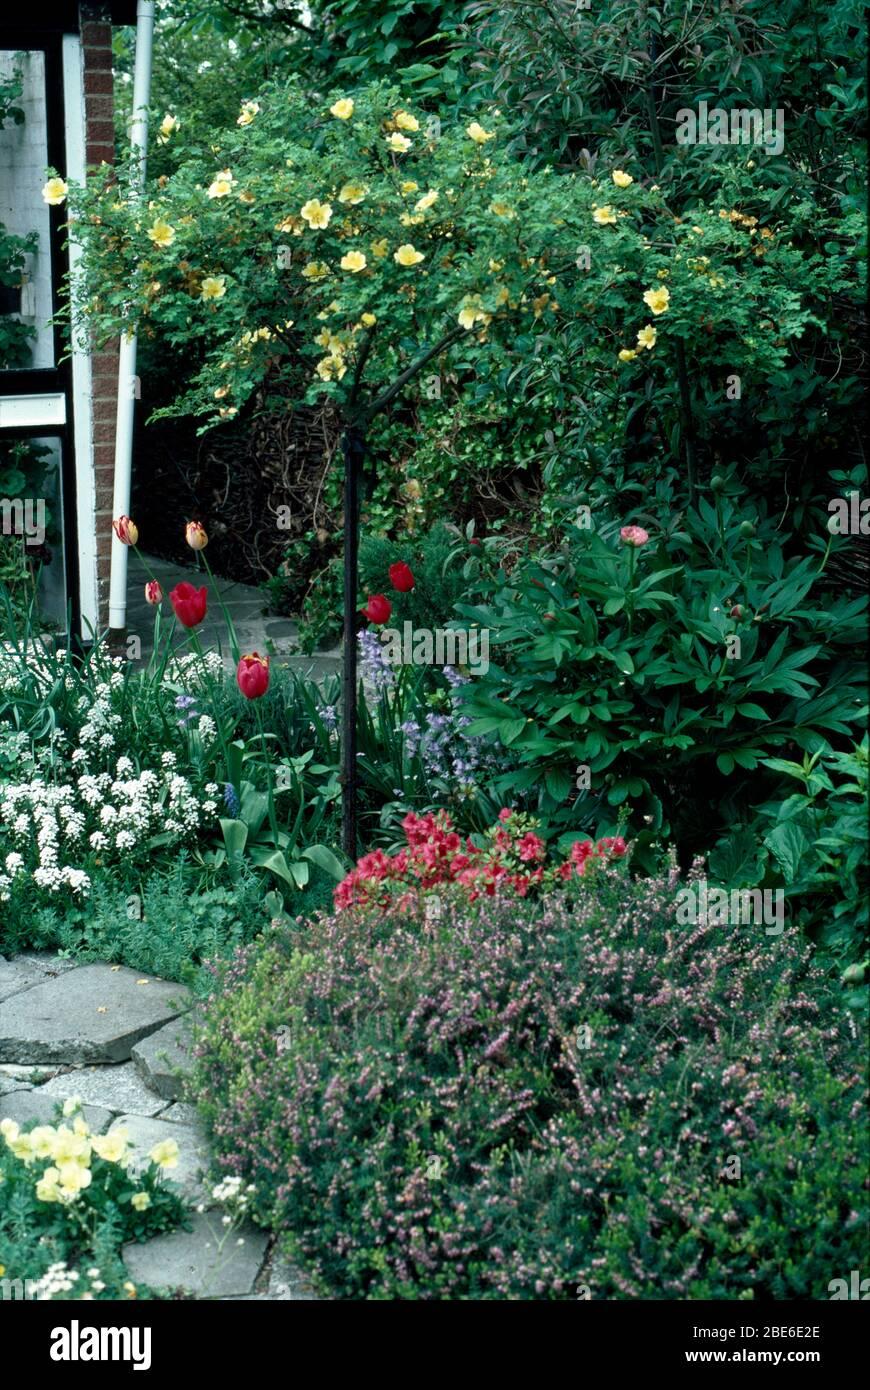 Rosa pallido giallo standard al bordo con tulipani rossi e alyssum bianco nel giardino di inizio estate Foto Stock